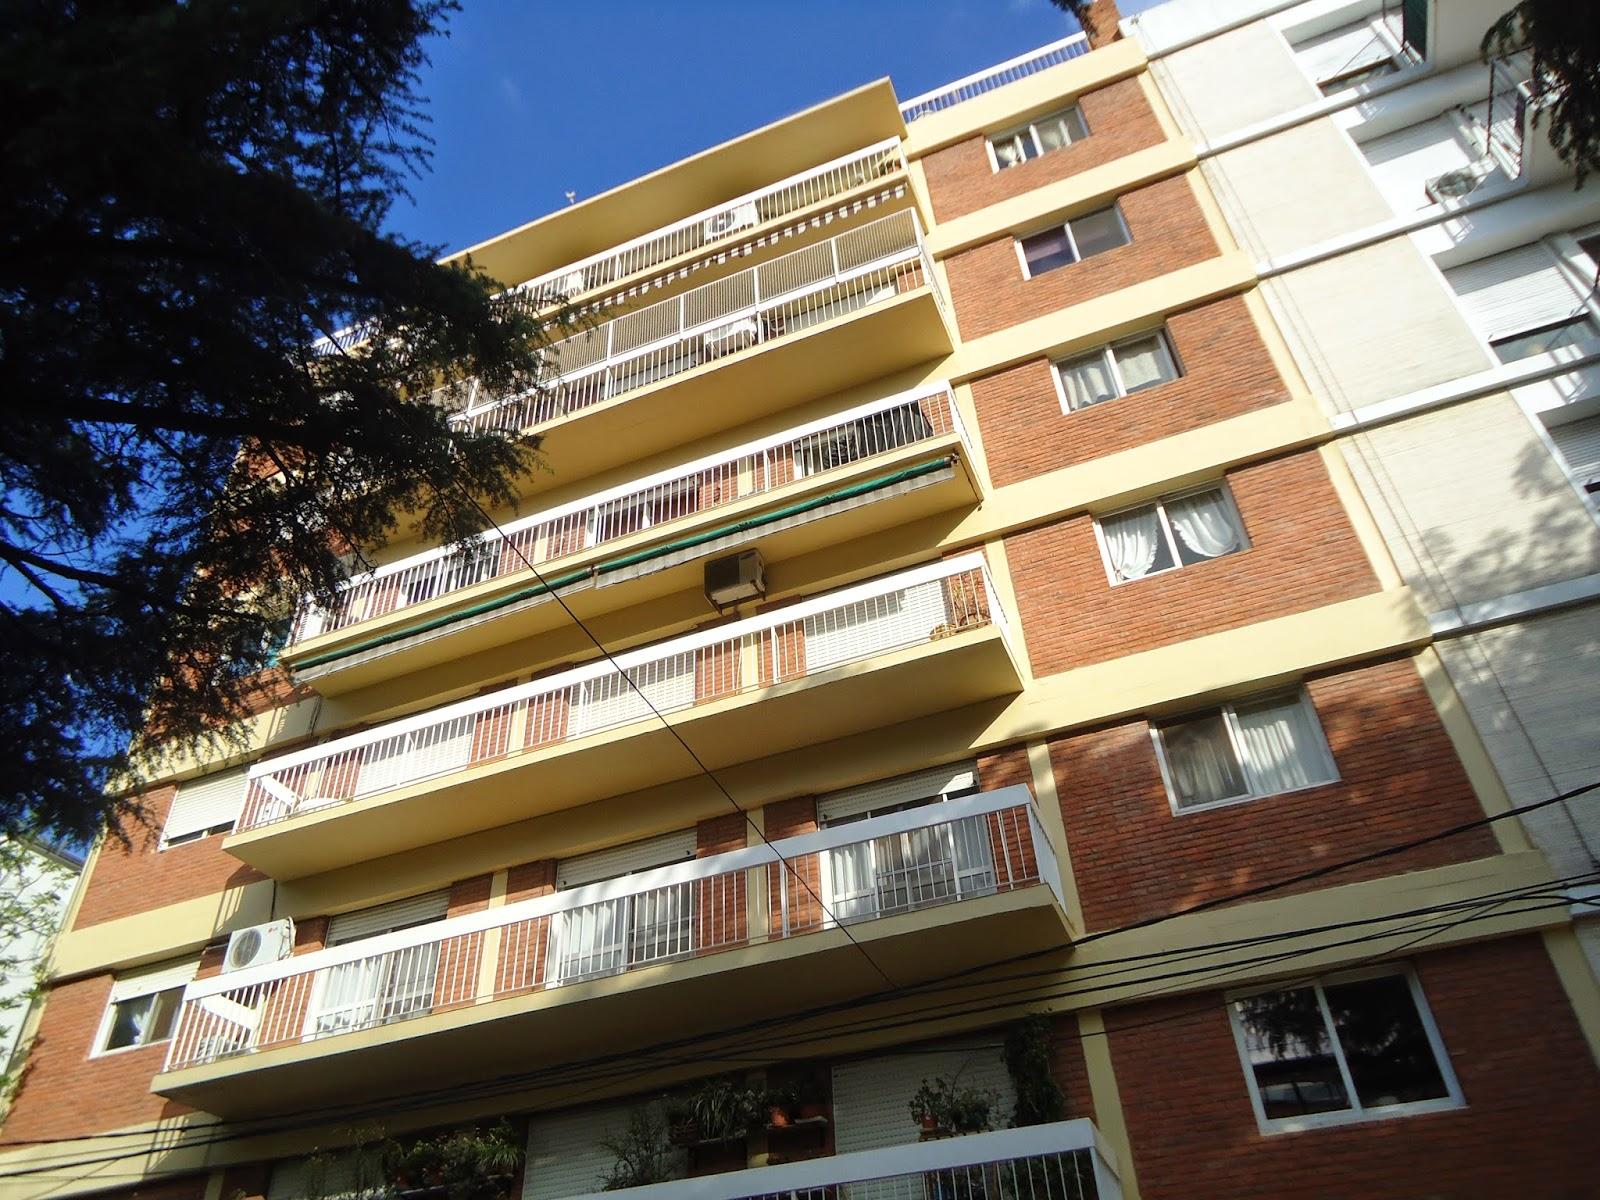 Remodelacion de baños en casas y hoteles con reformas de planos.